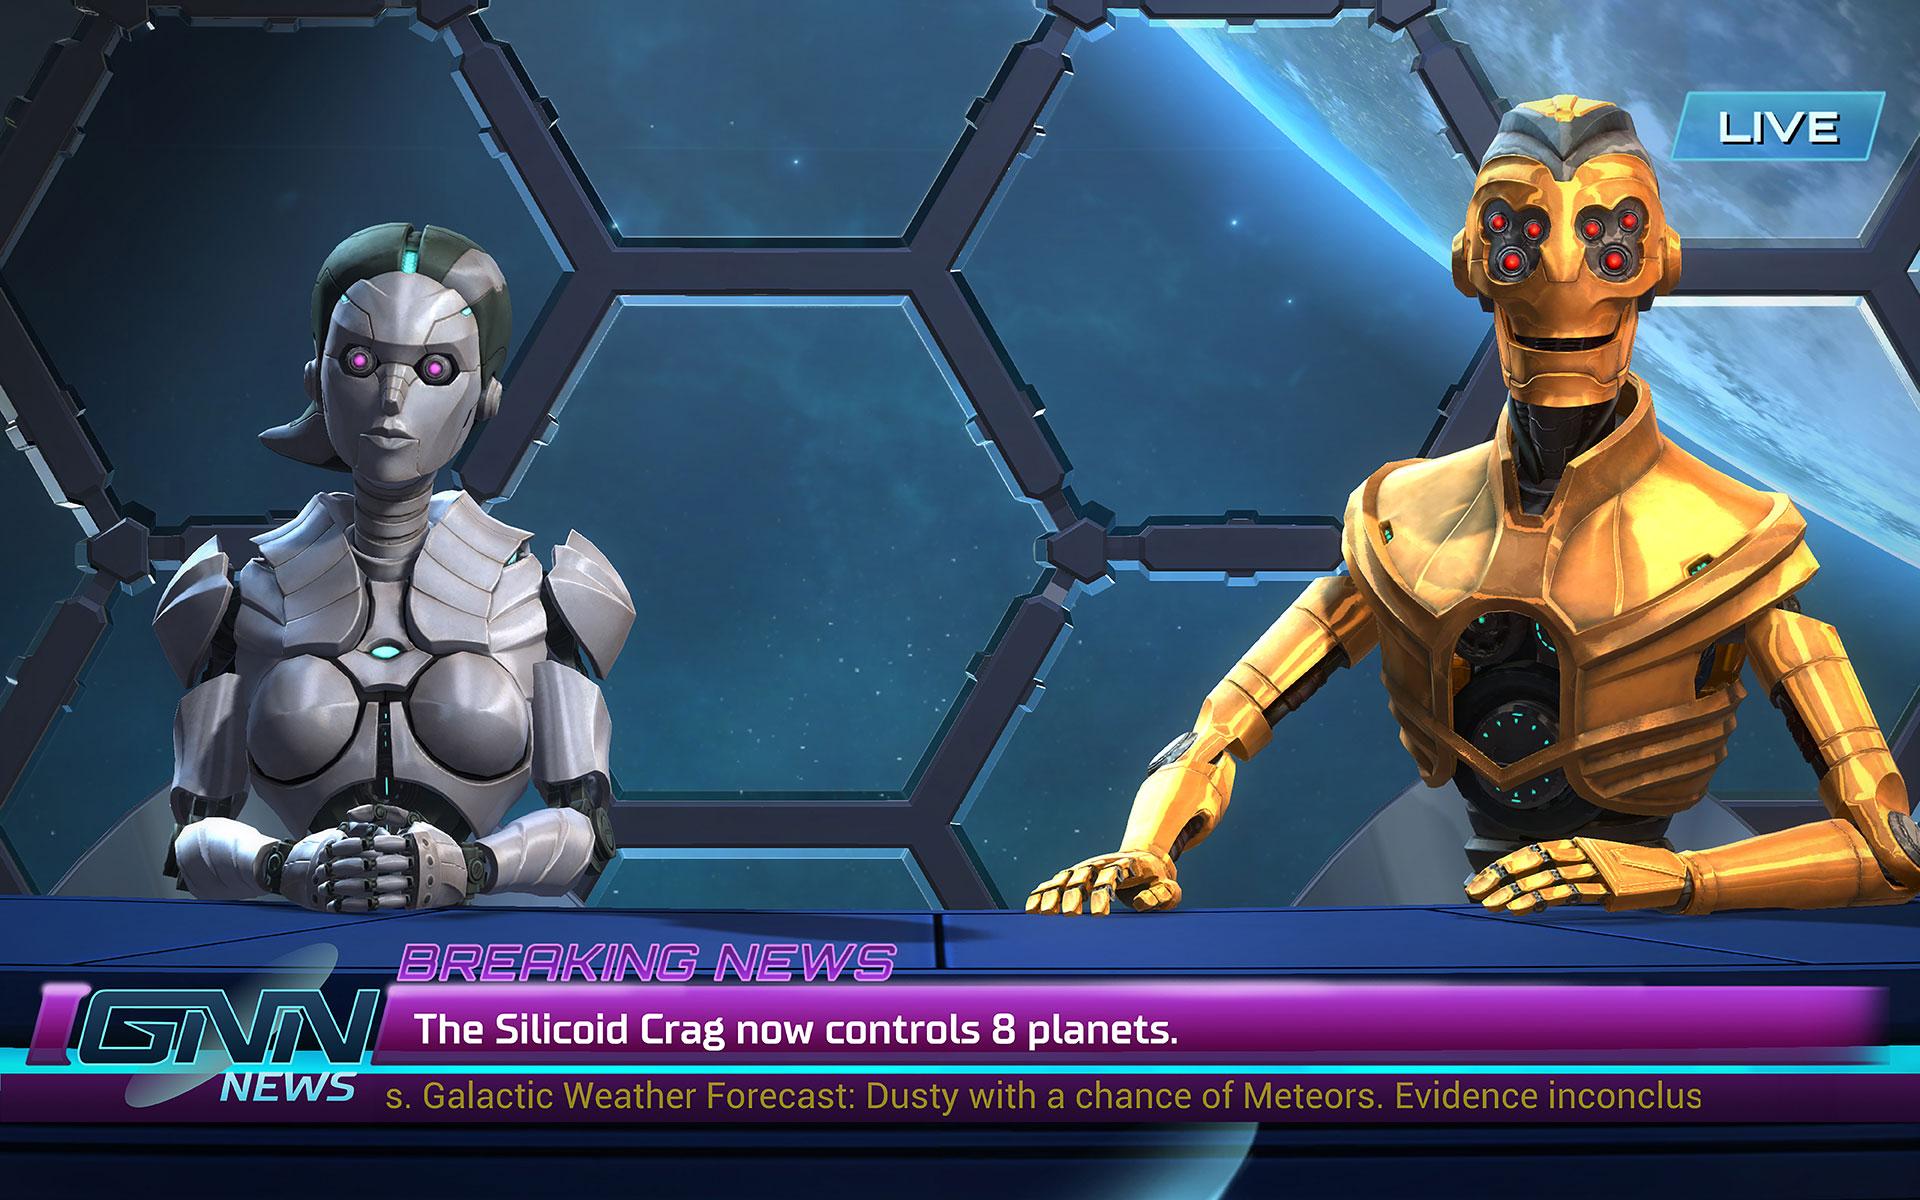 Nicht ganz objektiv: Diese Nachrichtensprecher freuen sich darüber, dass ihrem Heimat-Imperium ein paar zusätzliche Systeme in den Roboter-Schoß gefallen sind.